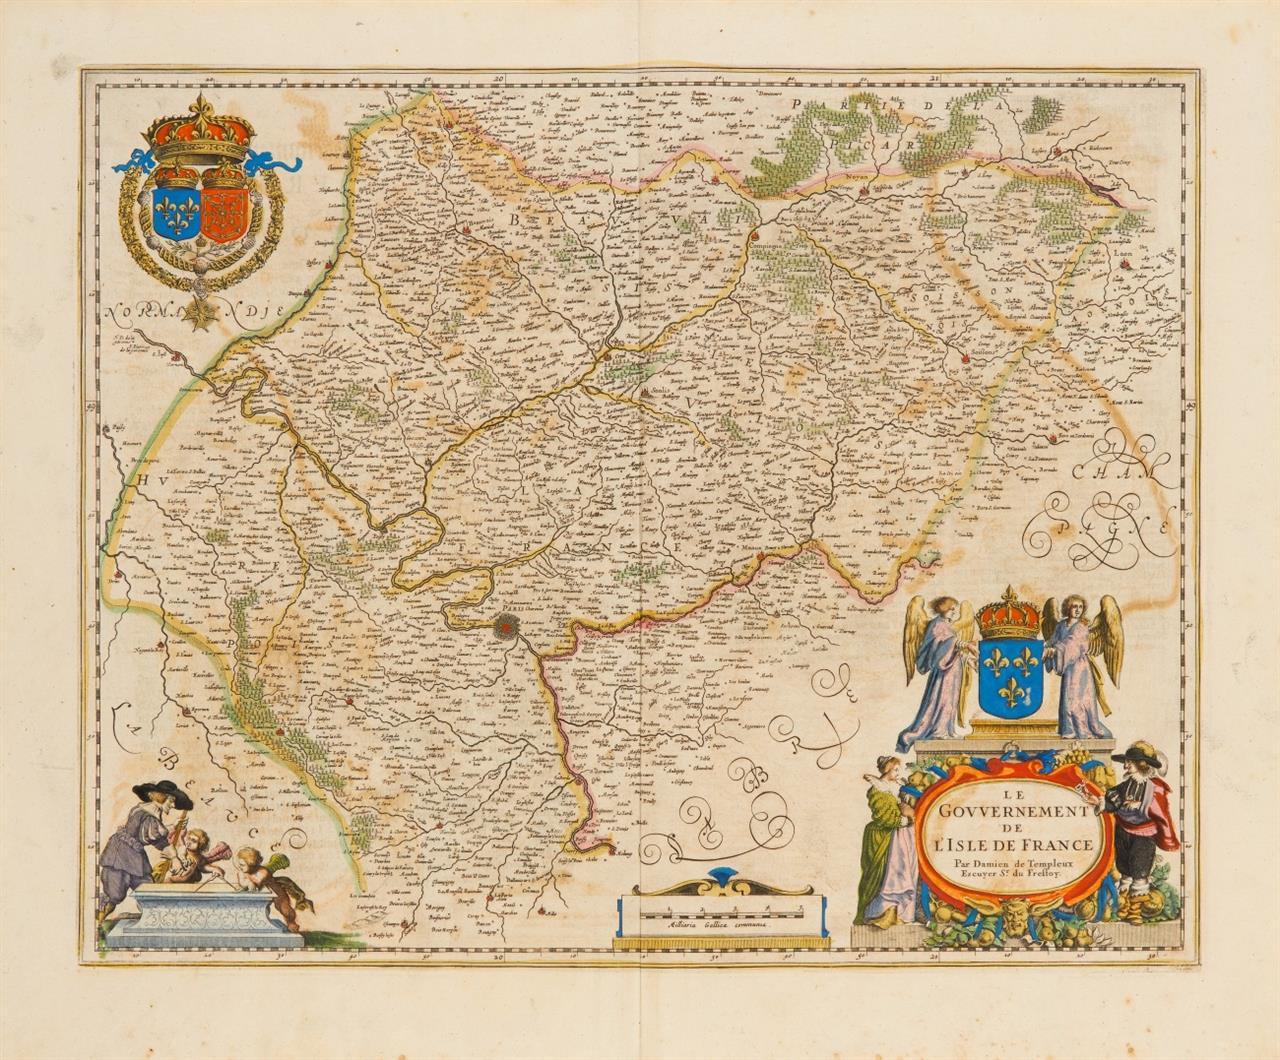 Île de France. Le Gouvernement de L'Isle de France. Kolorierte Kupferstichkarte